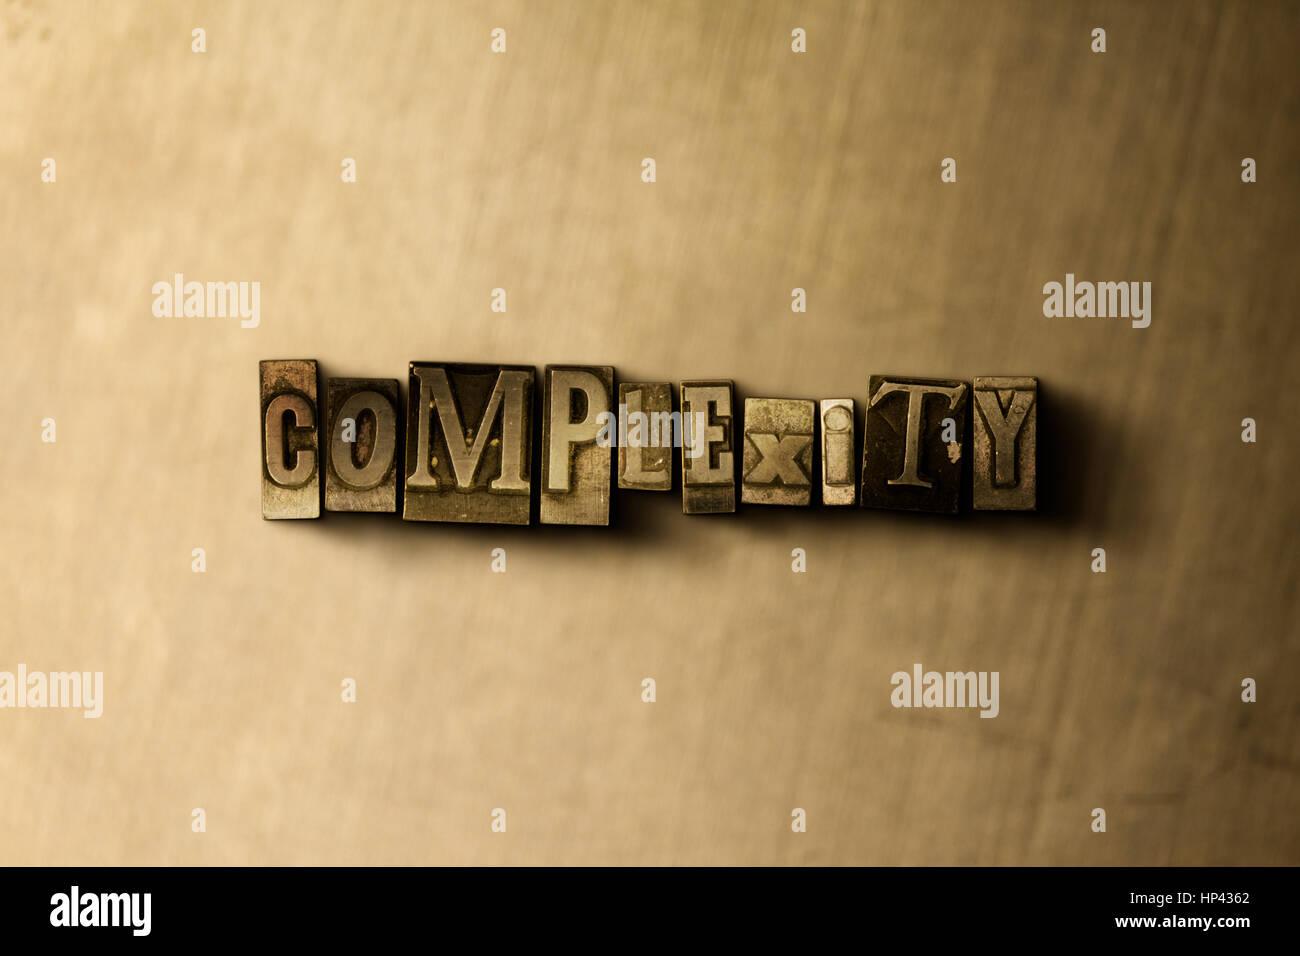 La complessità - close-up di grungy vintage parola stampate su uno sfondo di metallo. Royalty free stock illustrazione. Immagini Stock